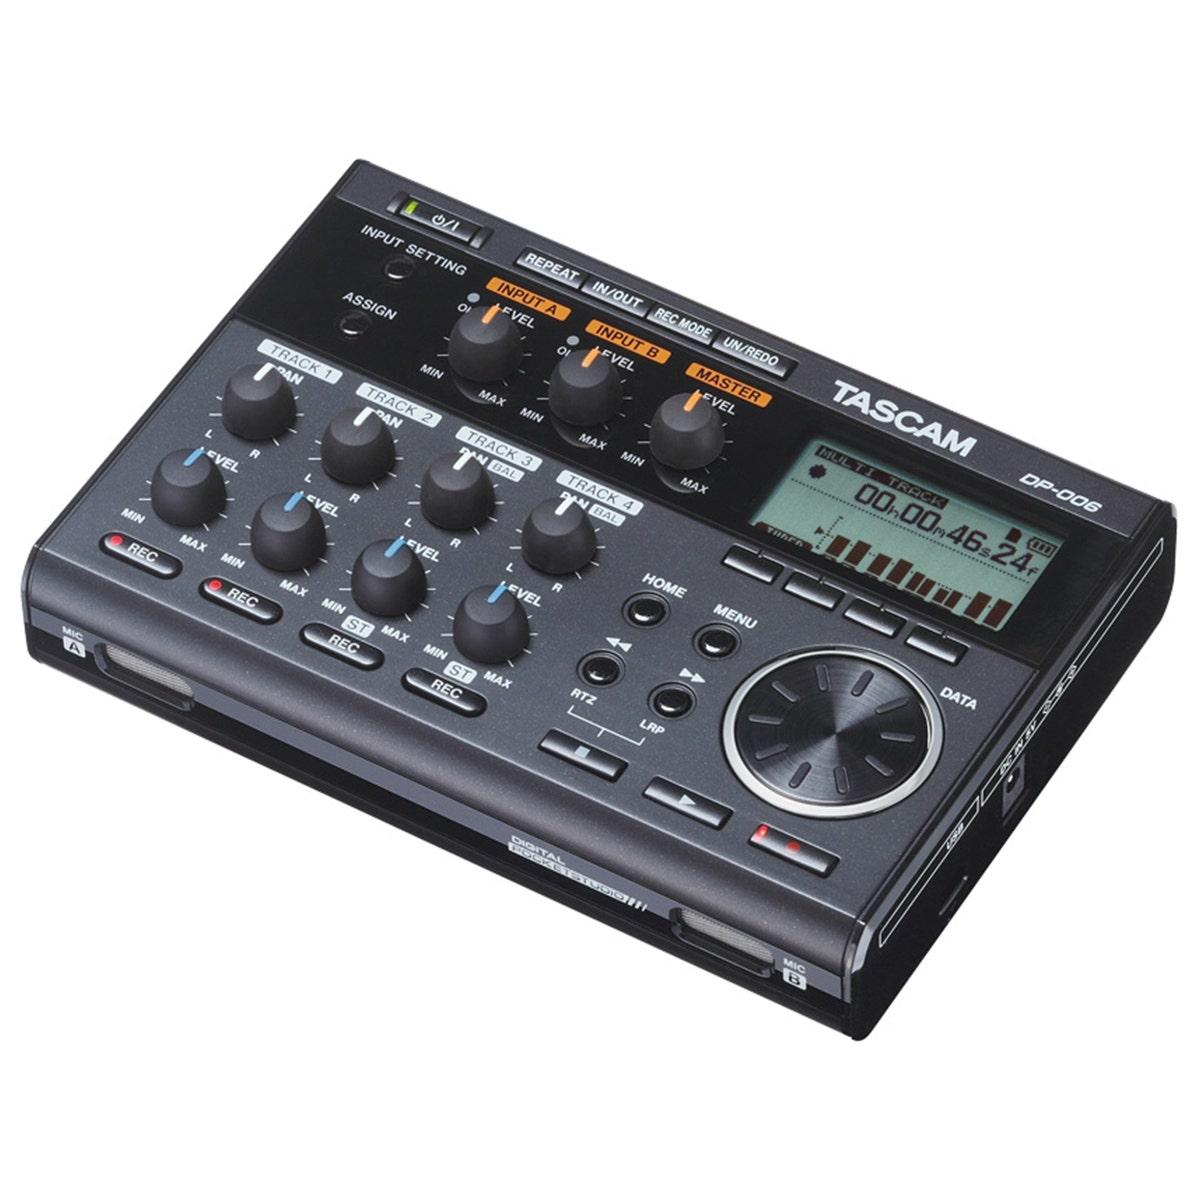 Tascam DP-006 6 Track Digital Pocketstudio Recorder